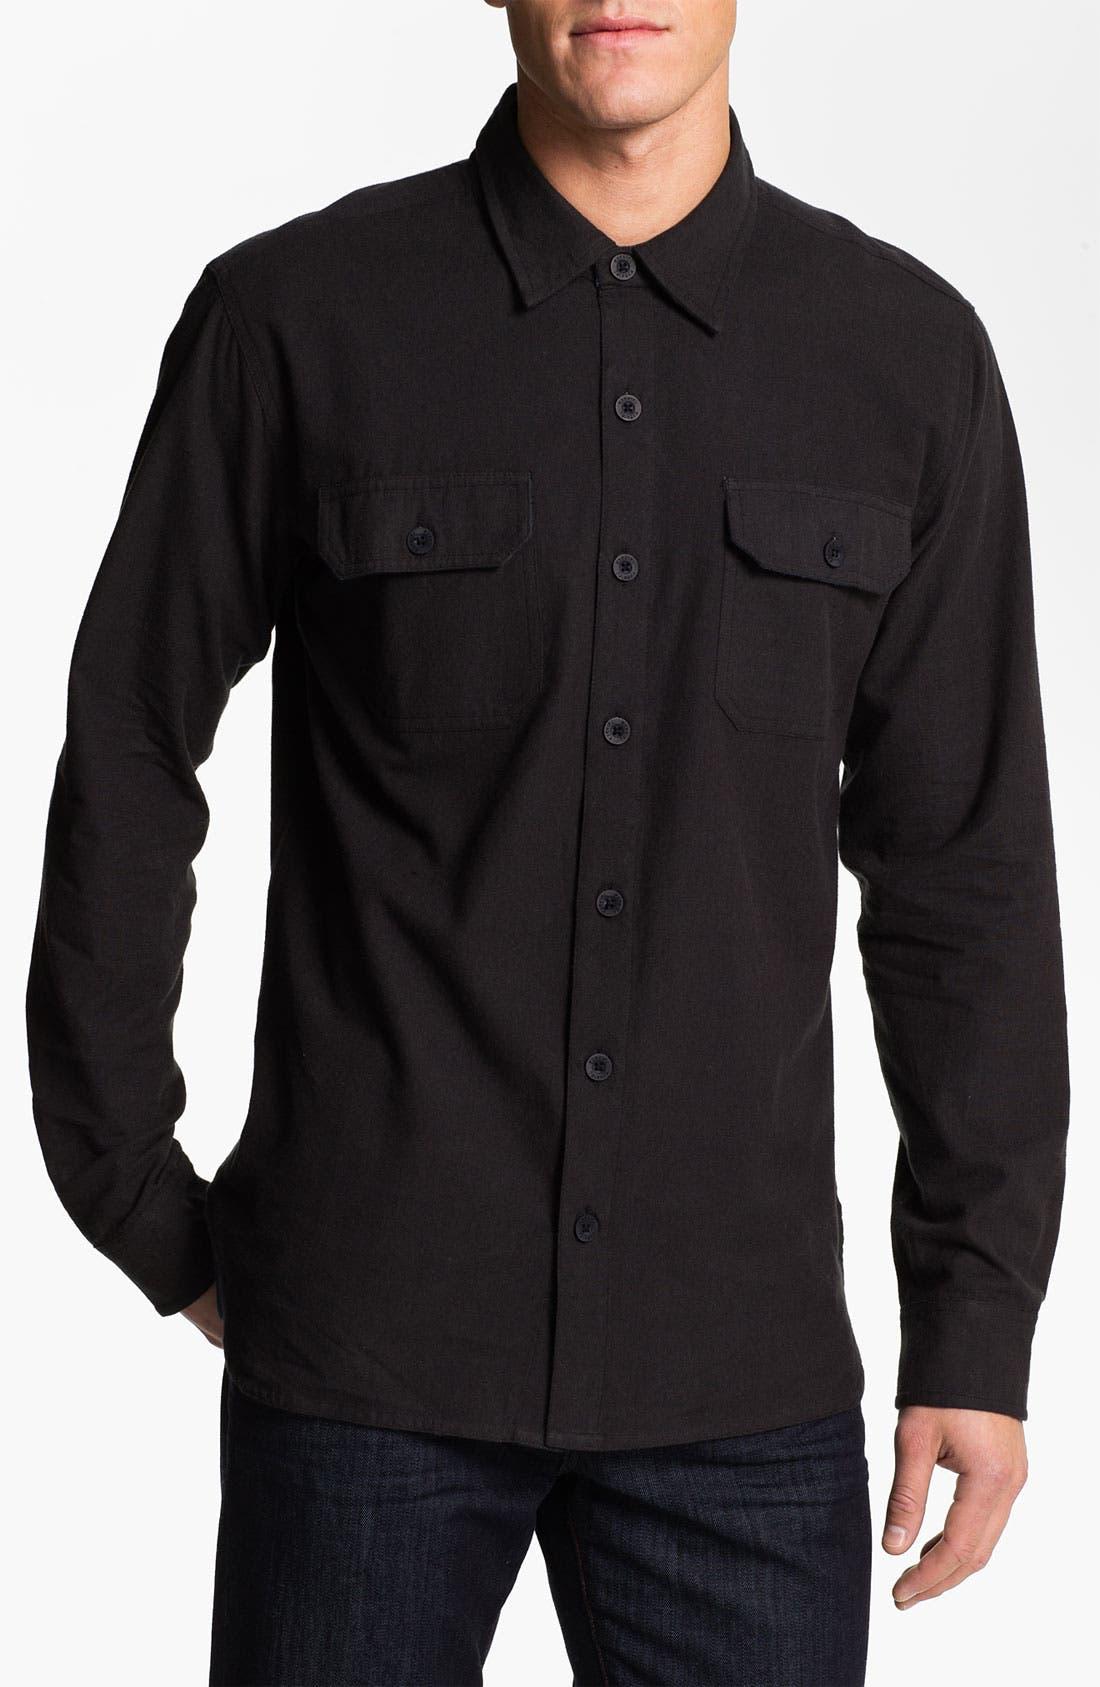 Alternate Image 1 Selected - Ezekiel 'The Union' Cotton Flannel Shirt